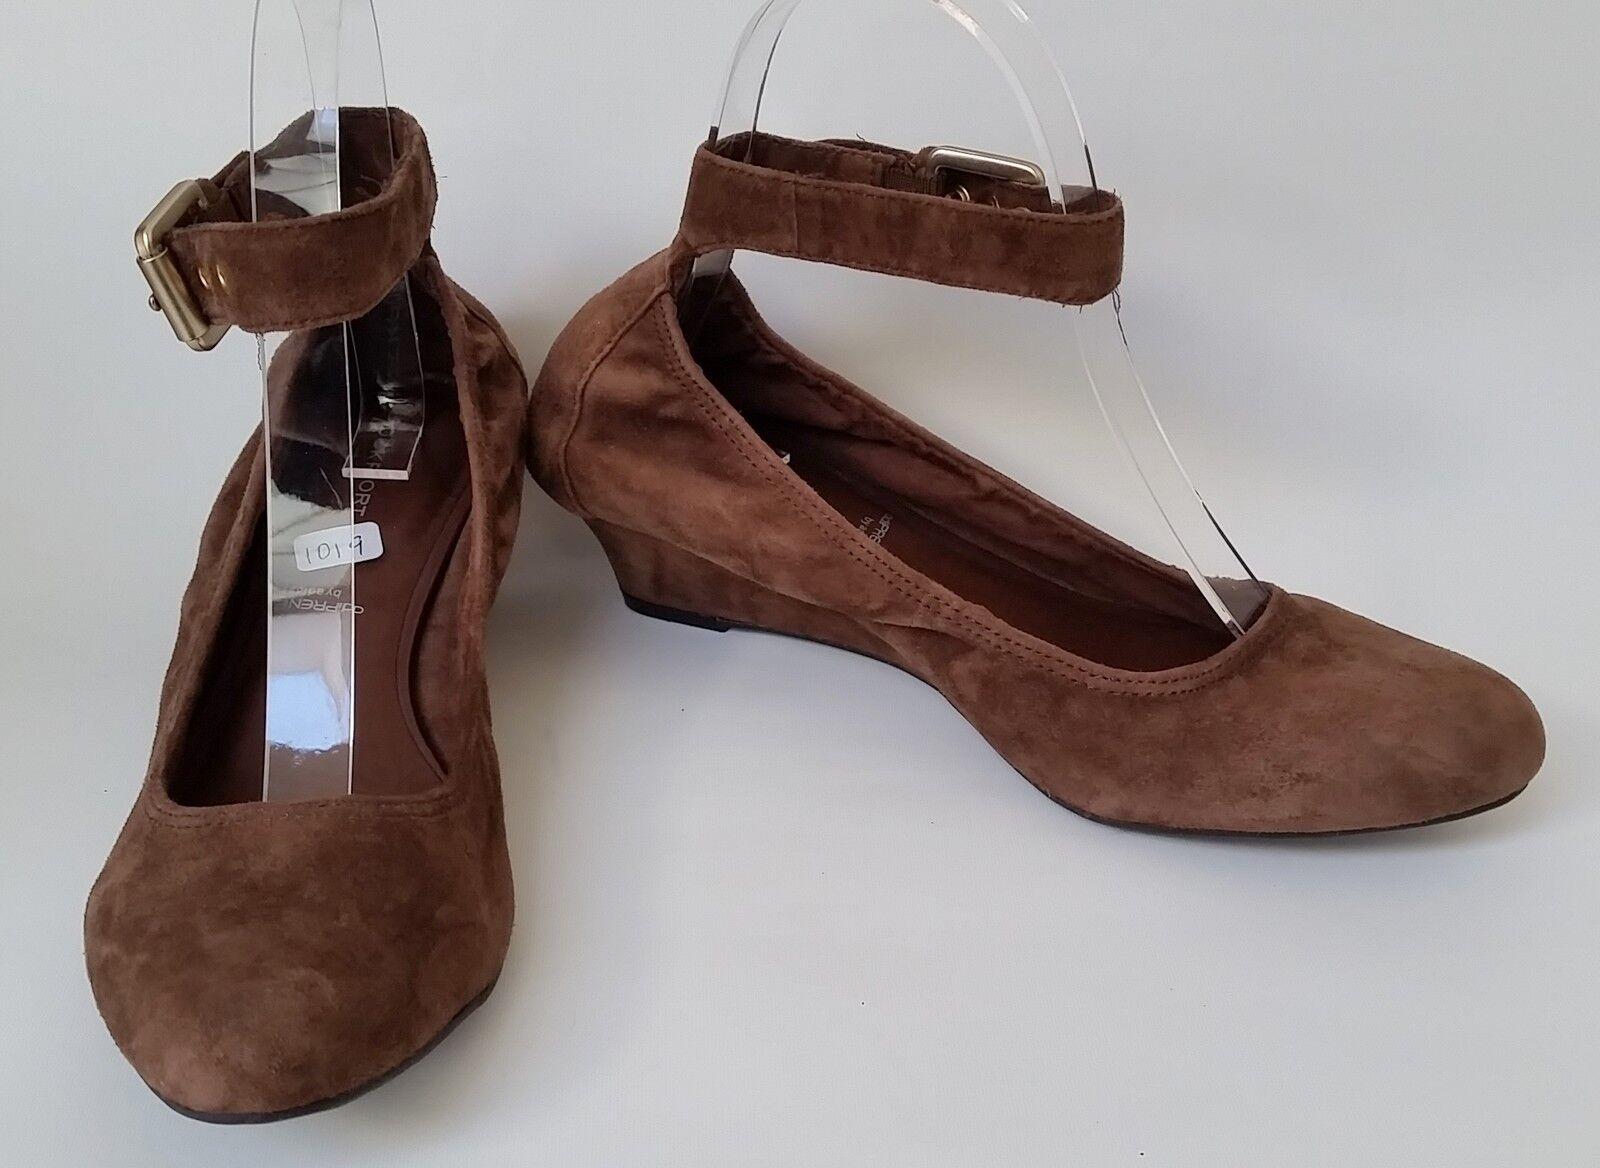 Rockport Chaussures Compensées Bretelles Cheville adiPRENE de Adidas Marron Femme Taille 6.5